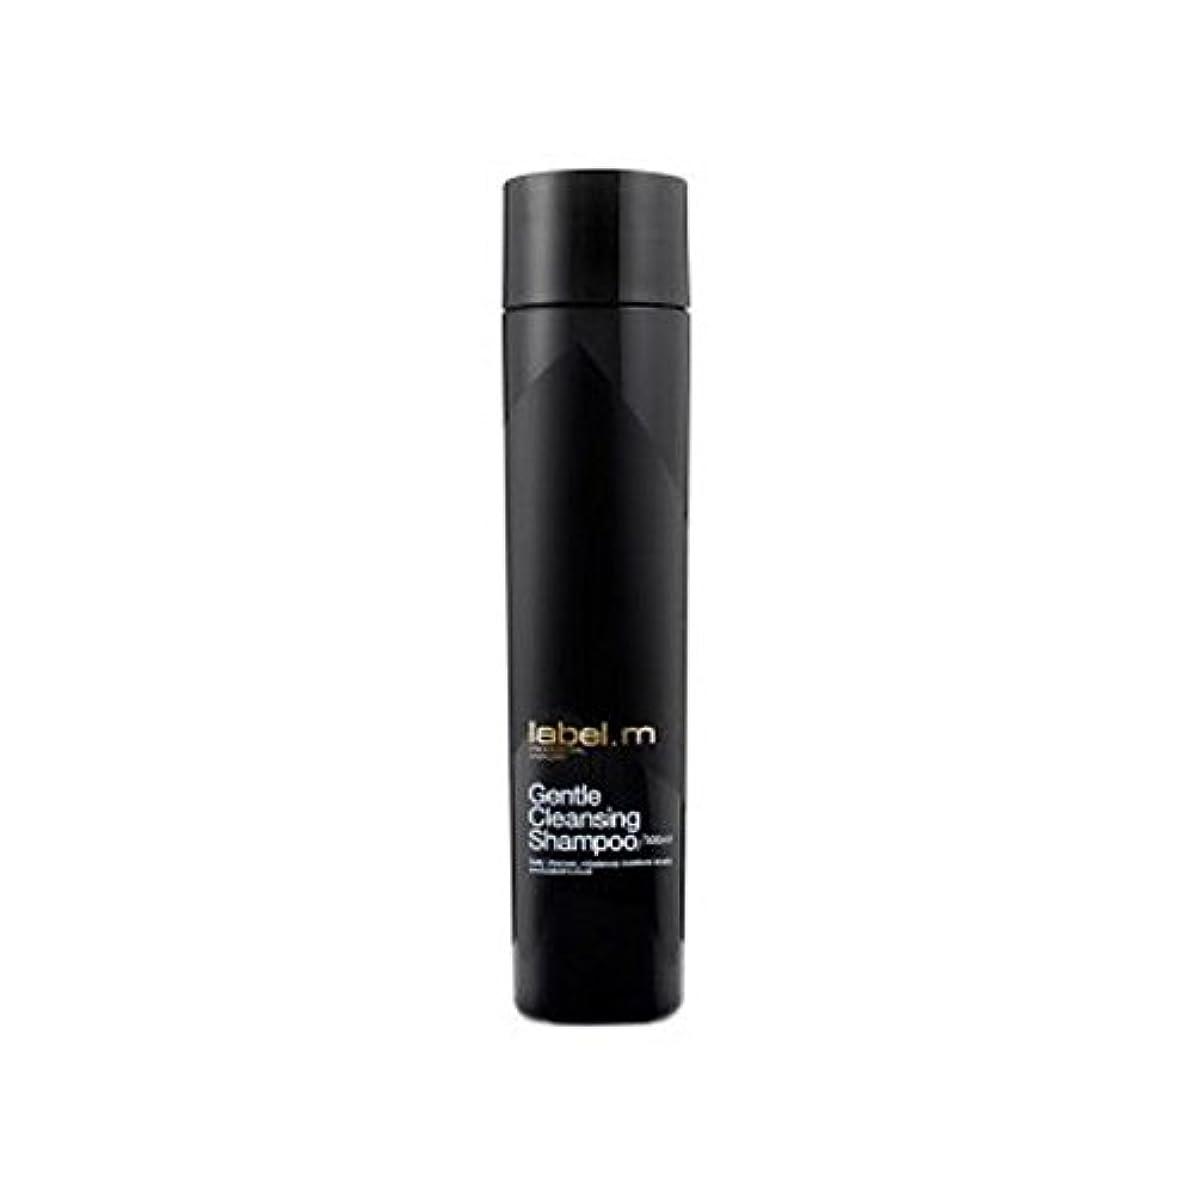 エリート子羊三Label.M Gentle Cleansing Shampoo (300ml) - .優しいクレンジングシャンプー(300ミリリットル) [並行輸入品]